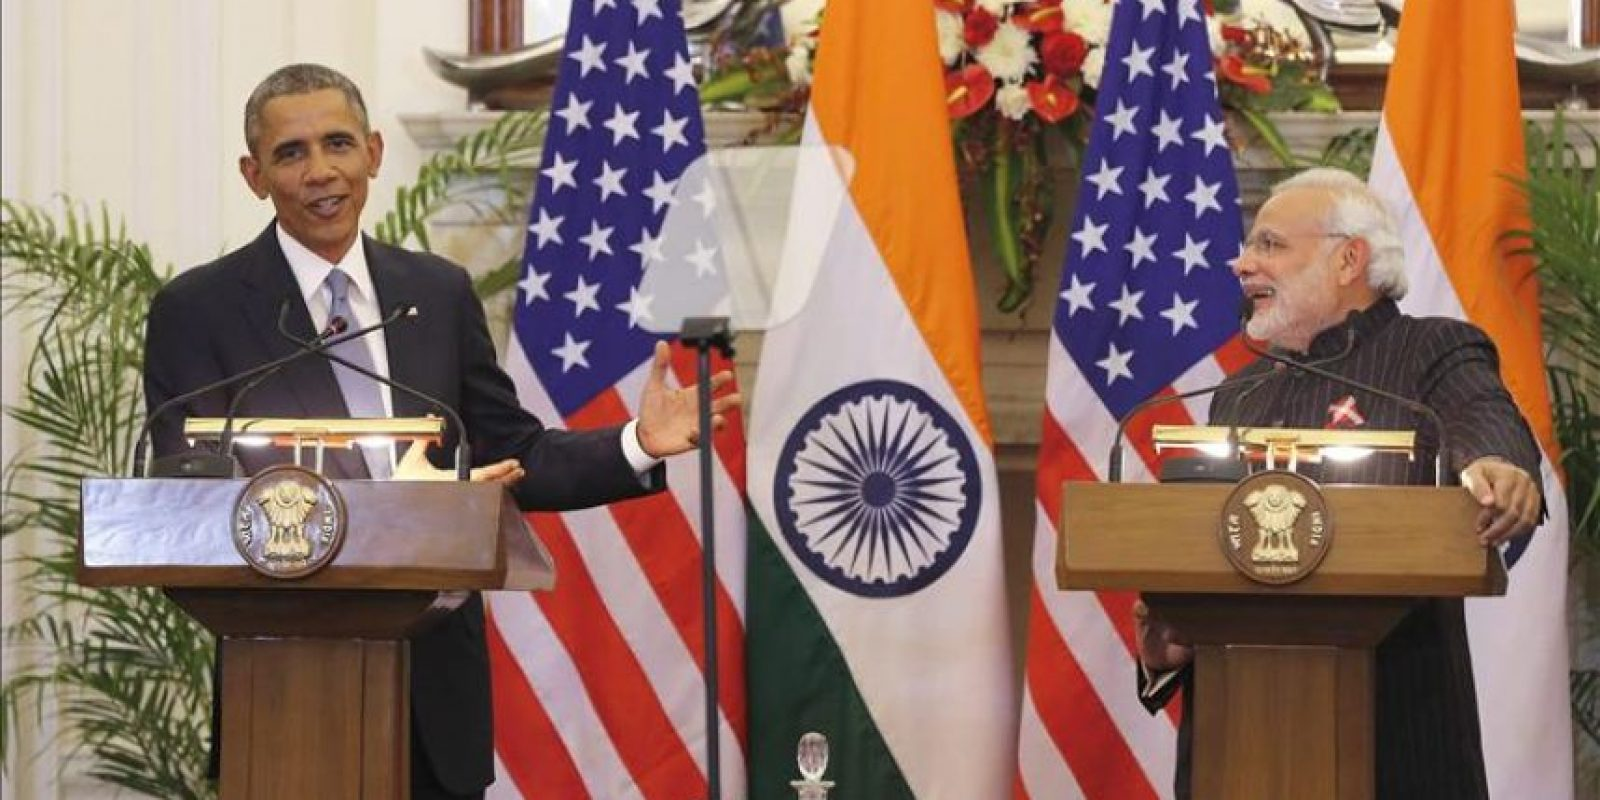 El primer ministro indio Narendra Modi (d) y el presidente estadounidense Barack Obama durante una conferencia de prensa conjunta en Nueva Delhi, India. EFE